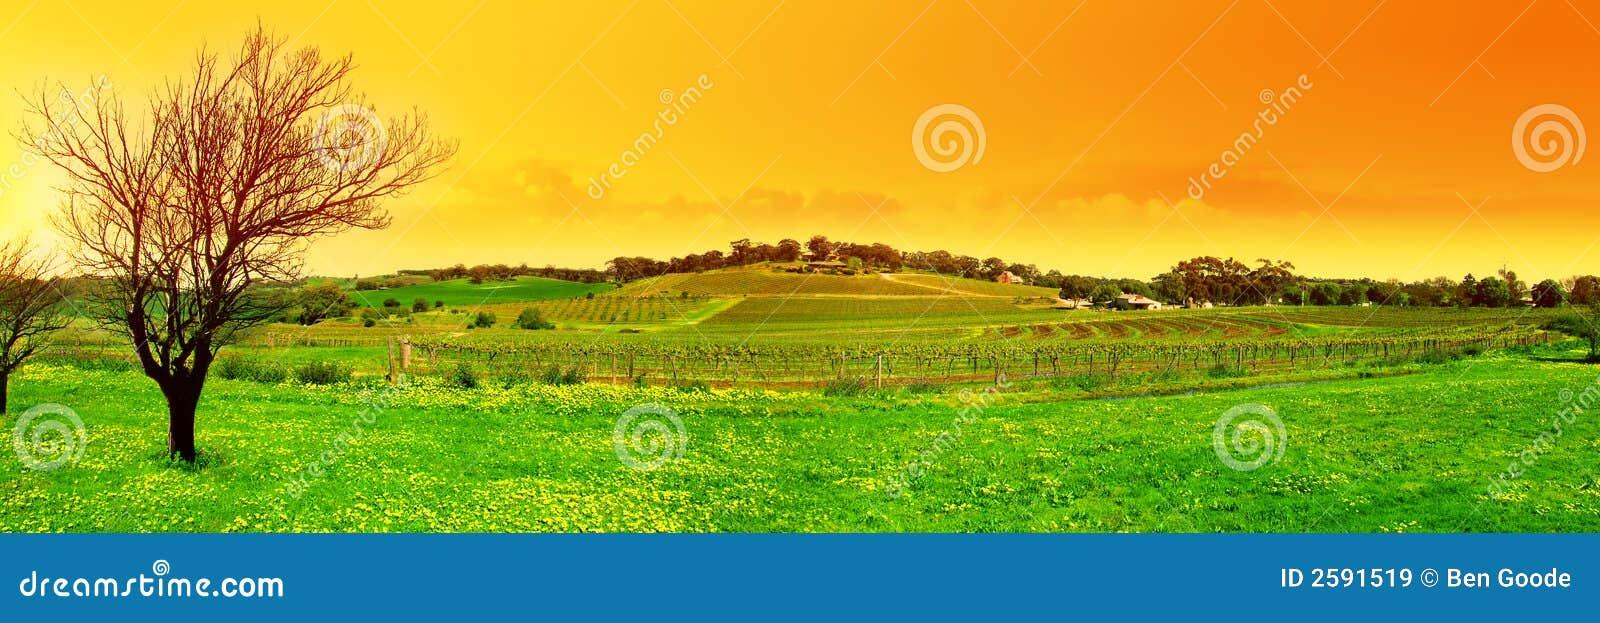 Frischer Weinberg panoramisch